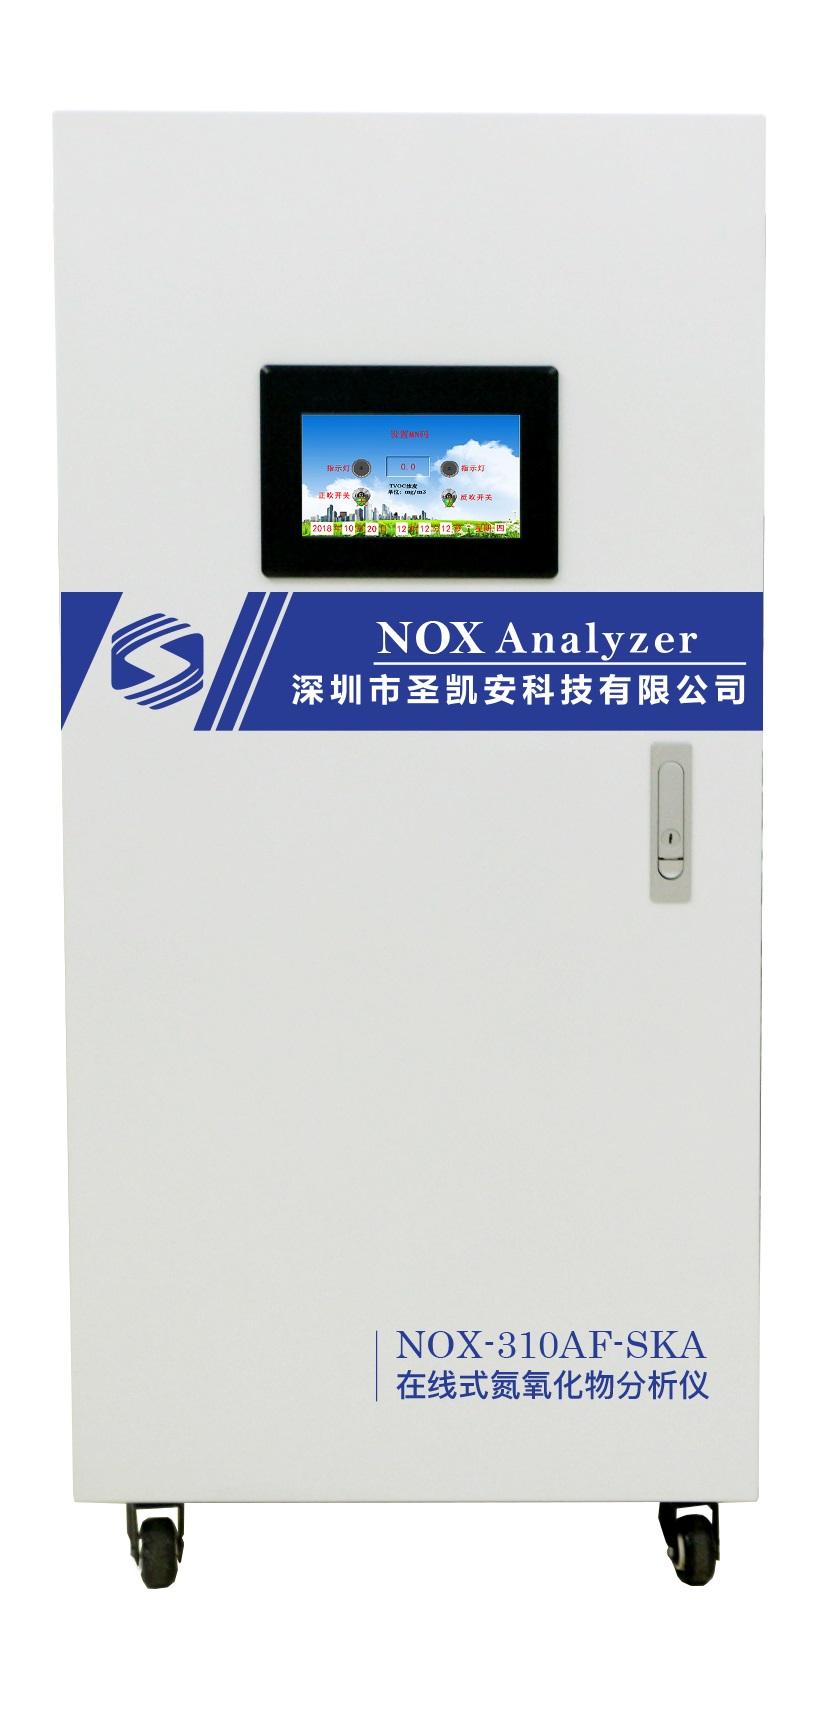 氮氧化物分析仪0.jpg